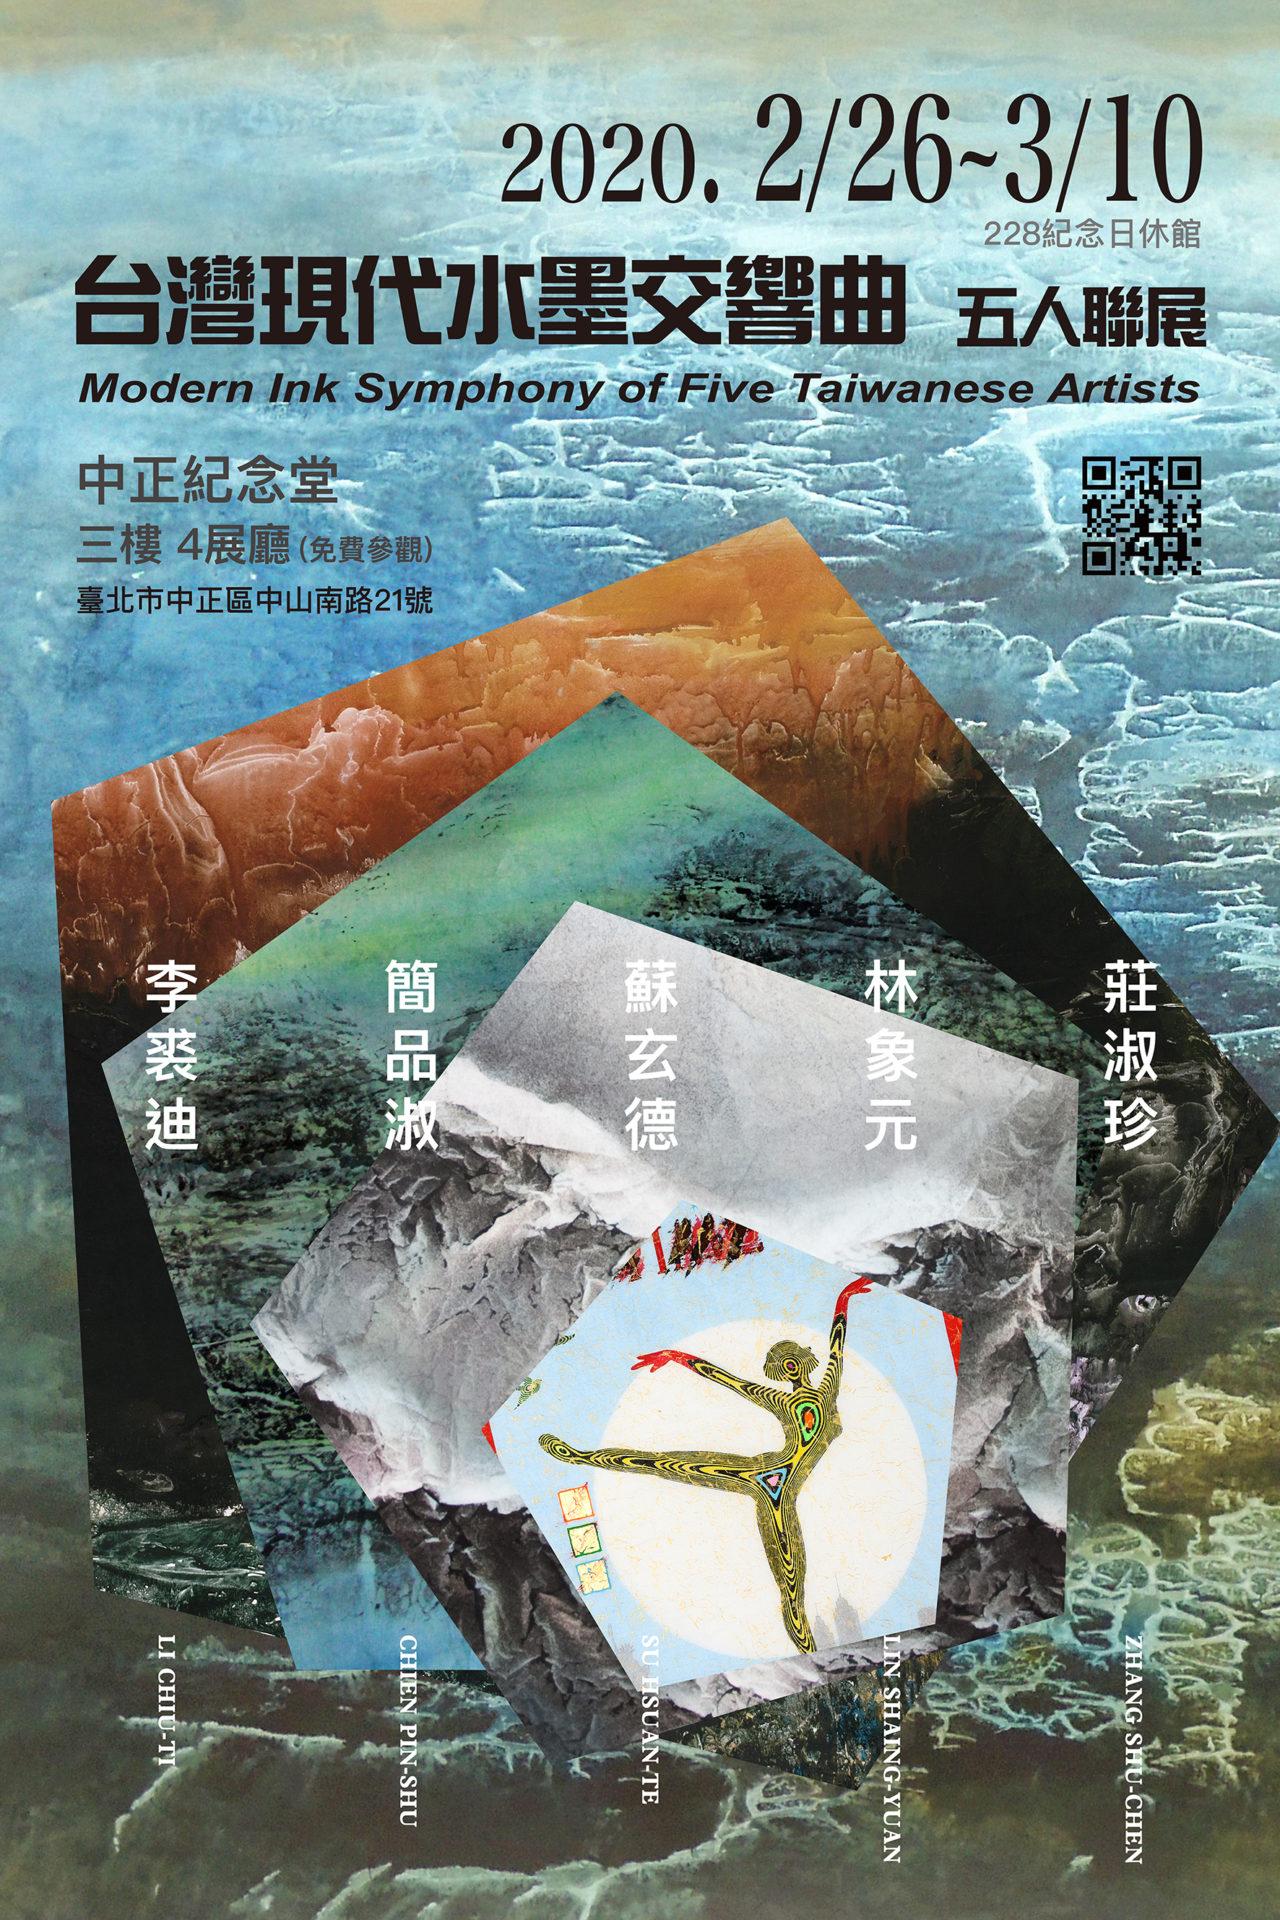 國立中正紀念堂管理處:2020/02/26-03/10【台灣現代水墨交響曲5人聯展】